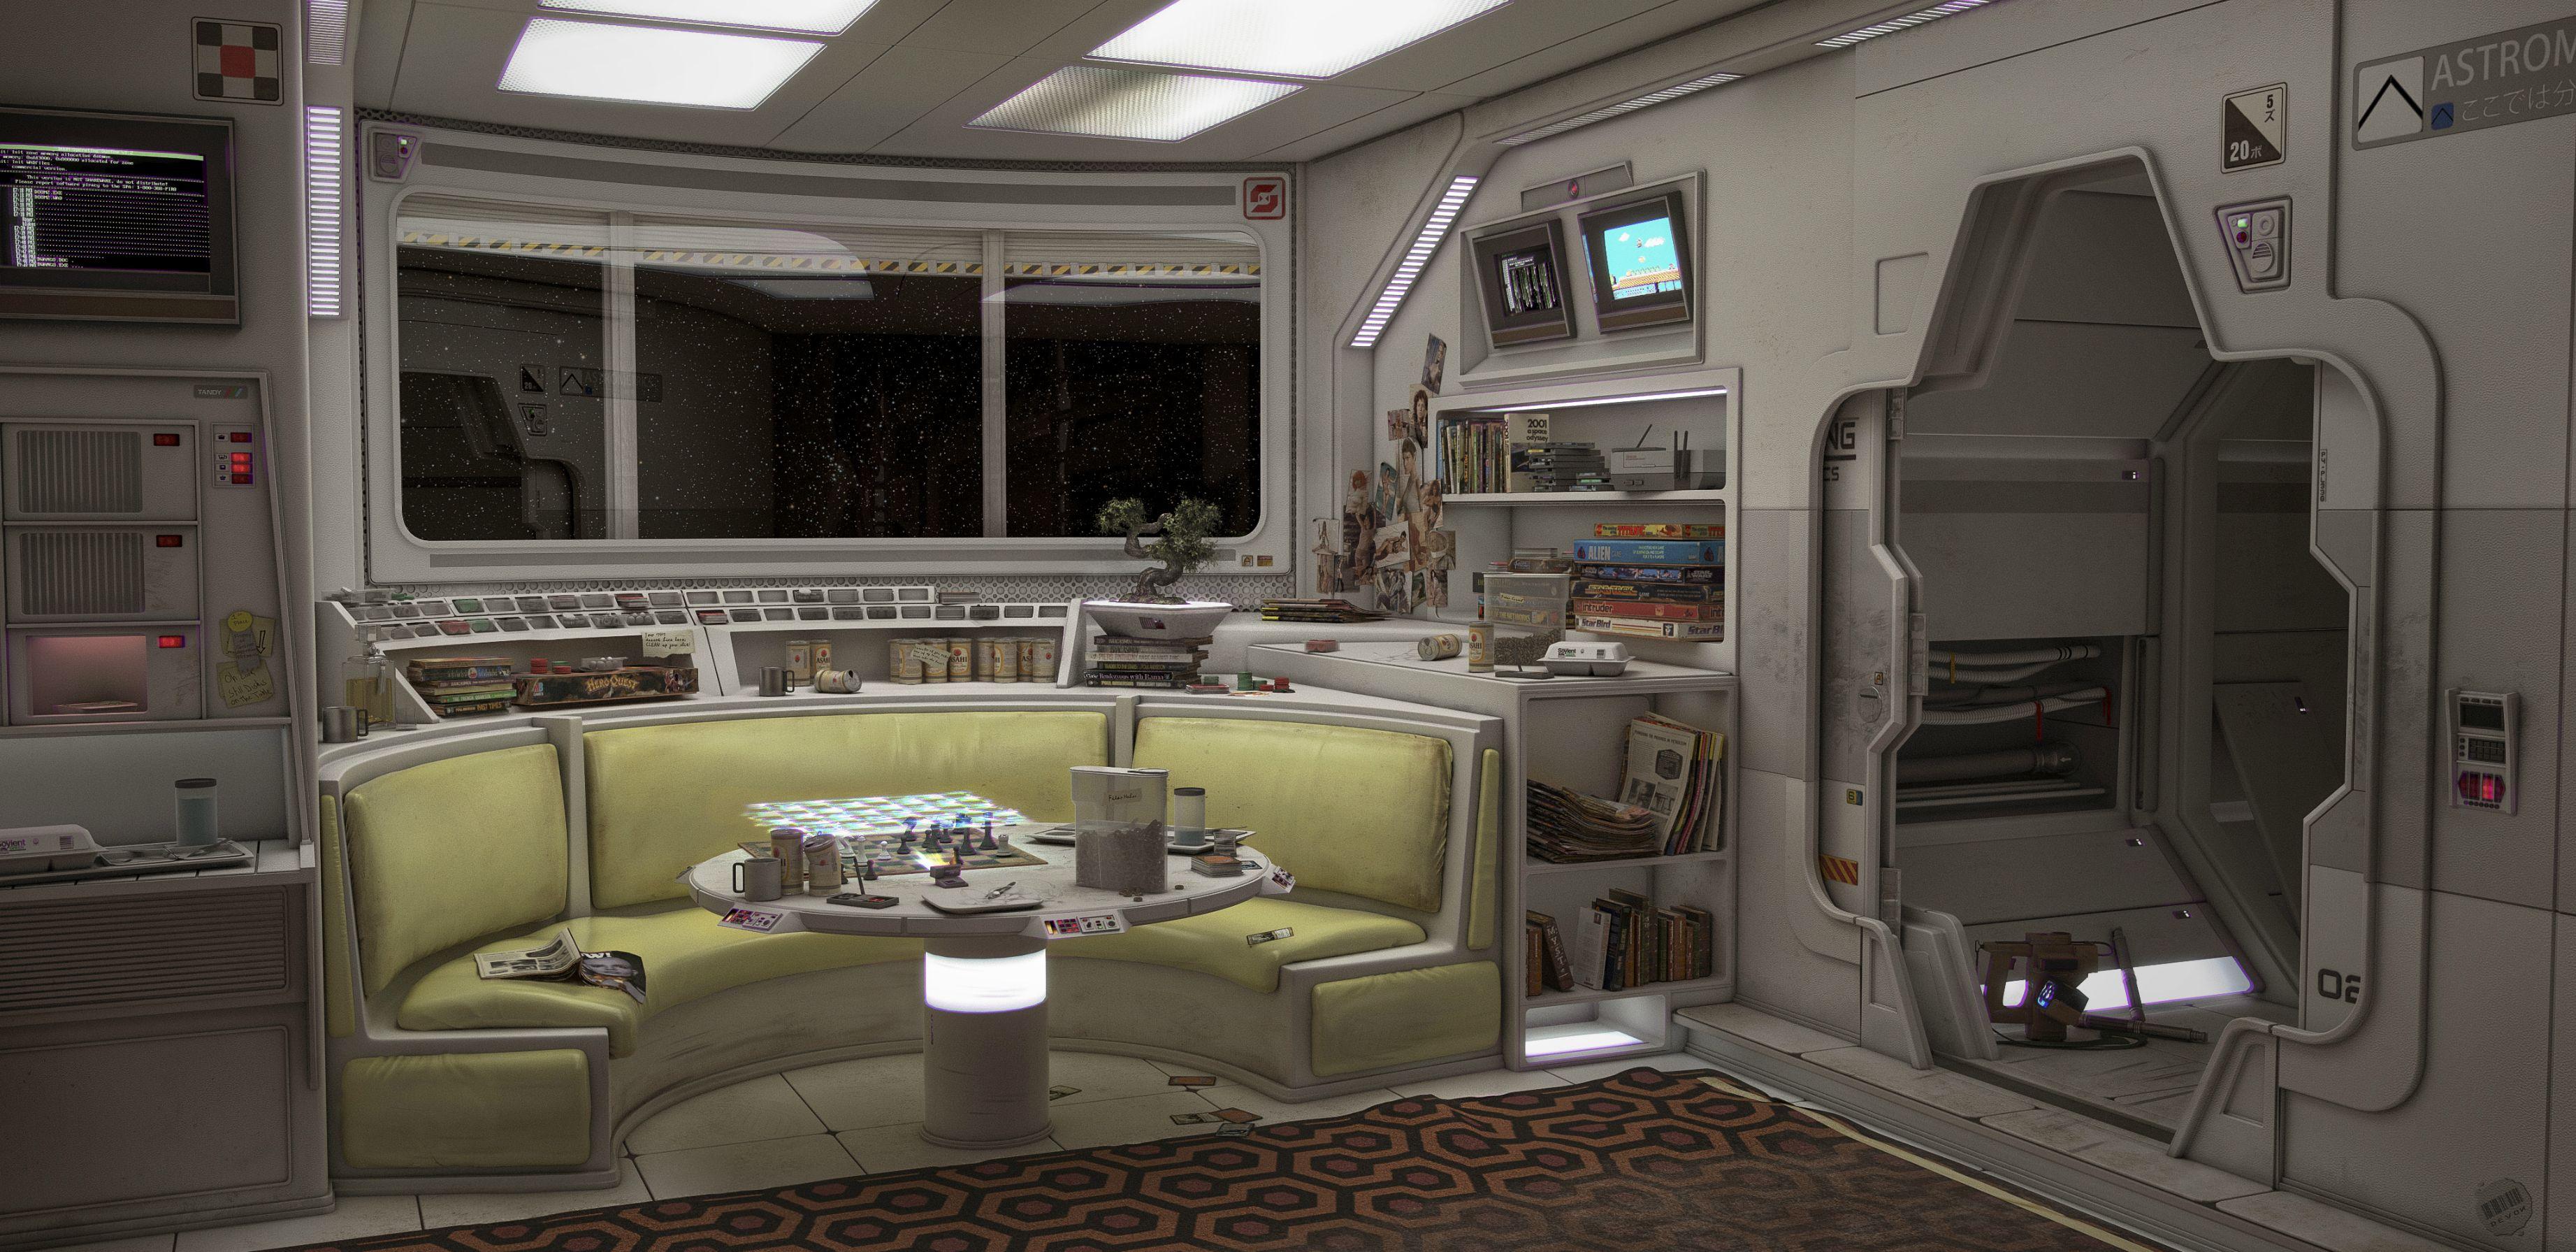 kosmicheskij-dizajn-2